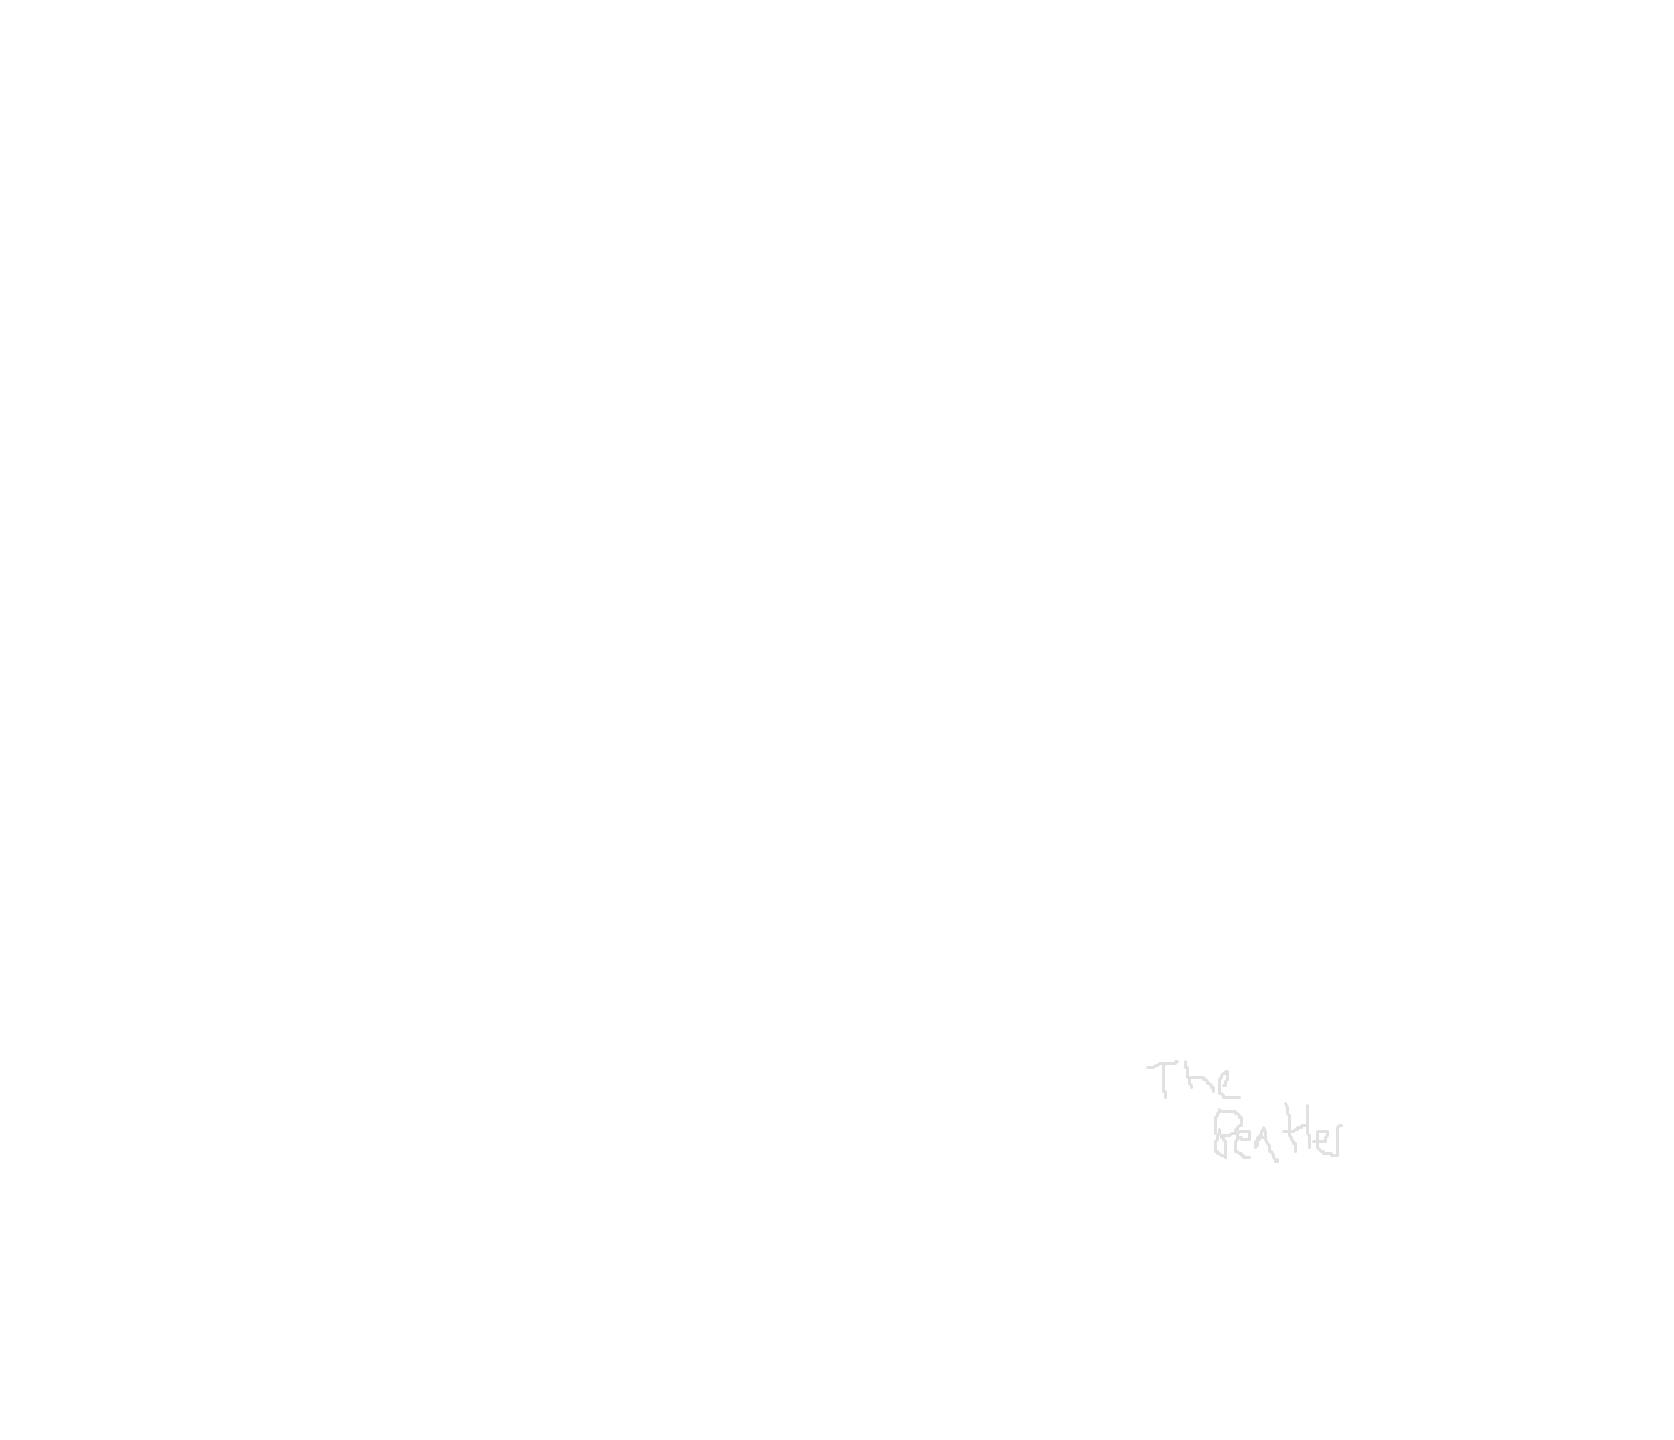 Beatles White Album MS Paint Edition